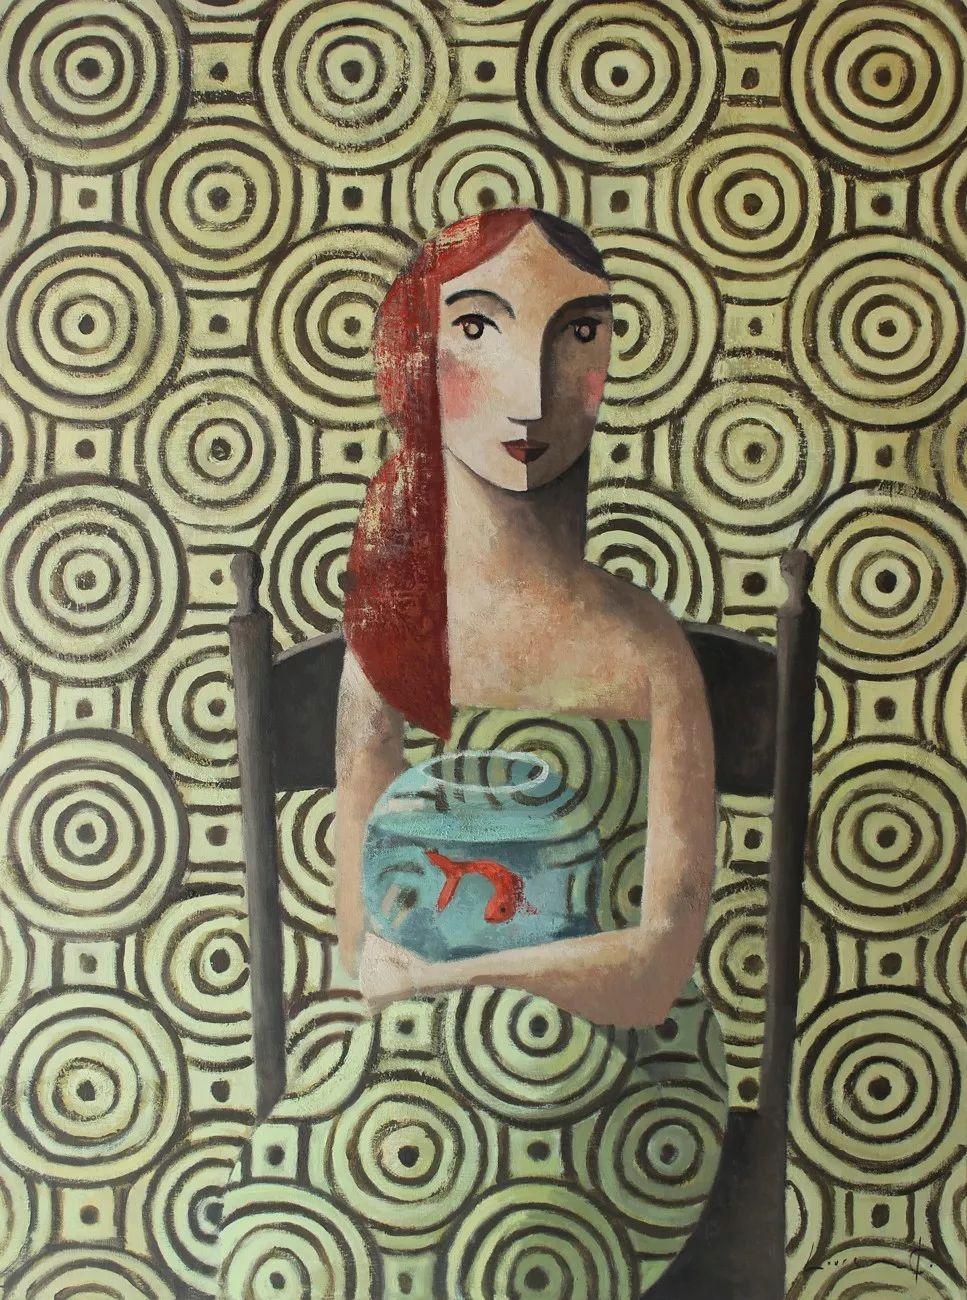 情感的表达,西班牙画家Didier Lourenço插图60